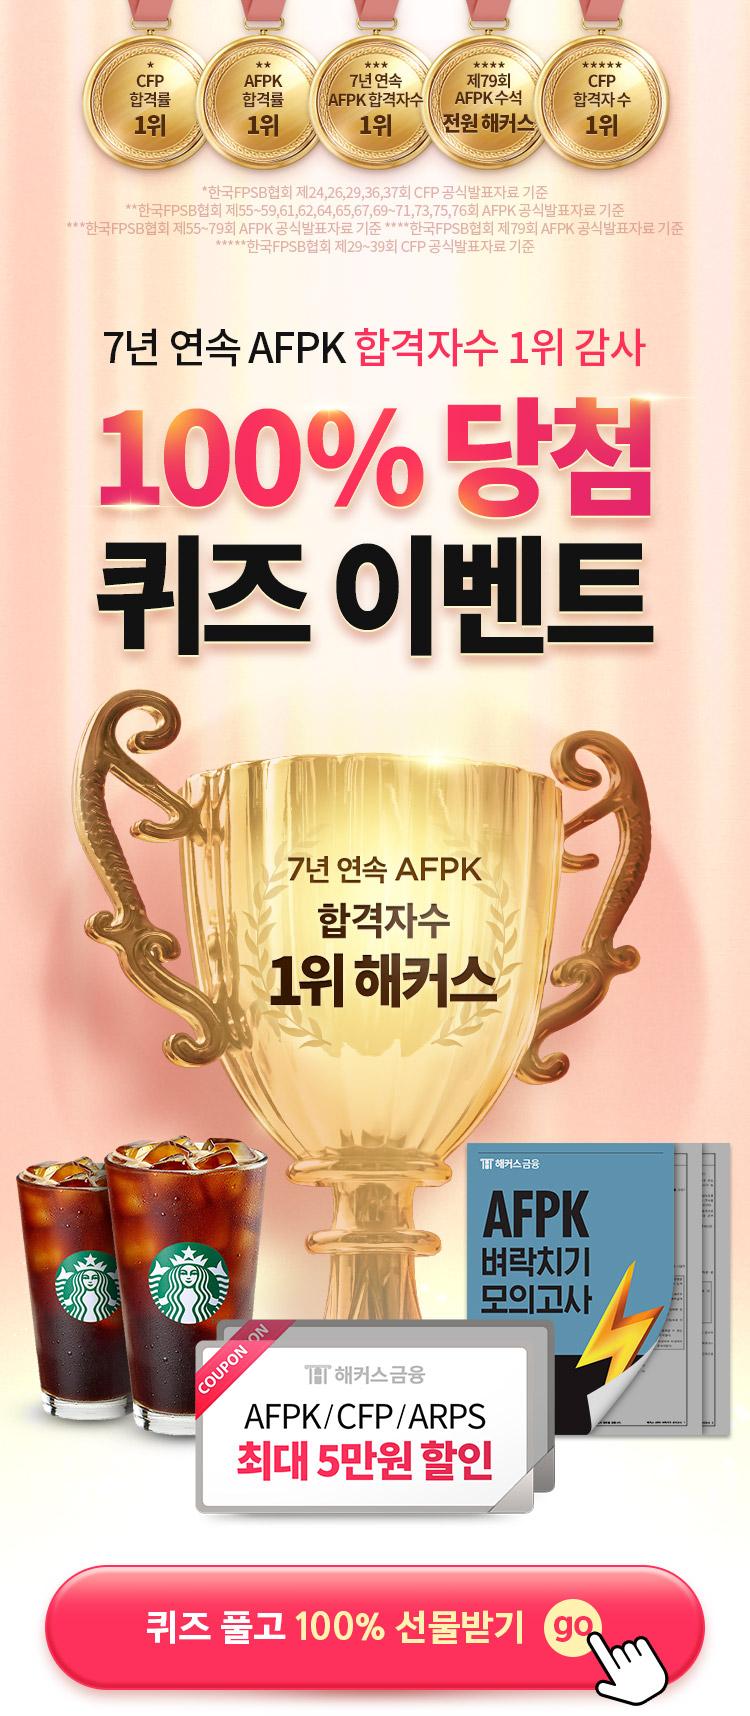 AFPK 1위 감사 해커스금융 인강 무료체험